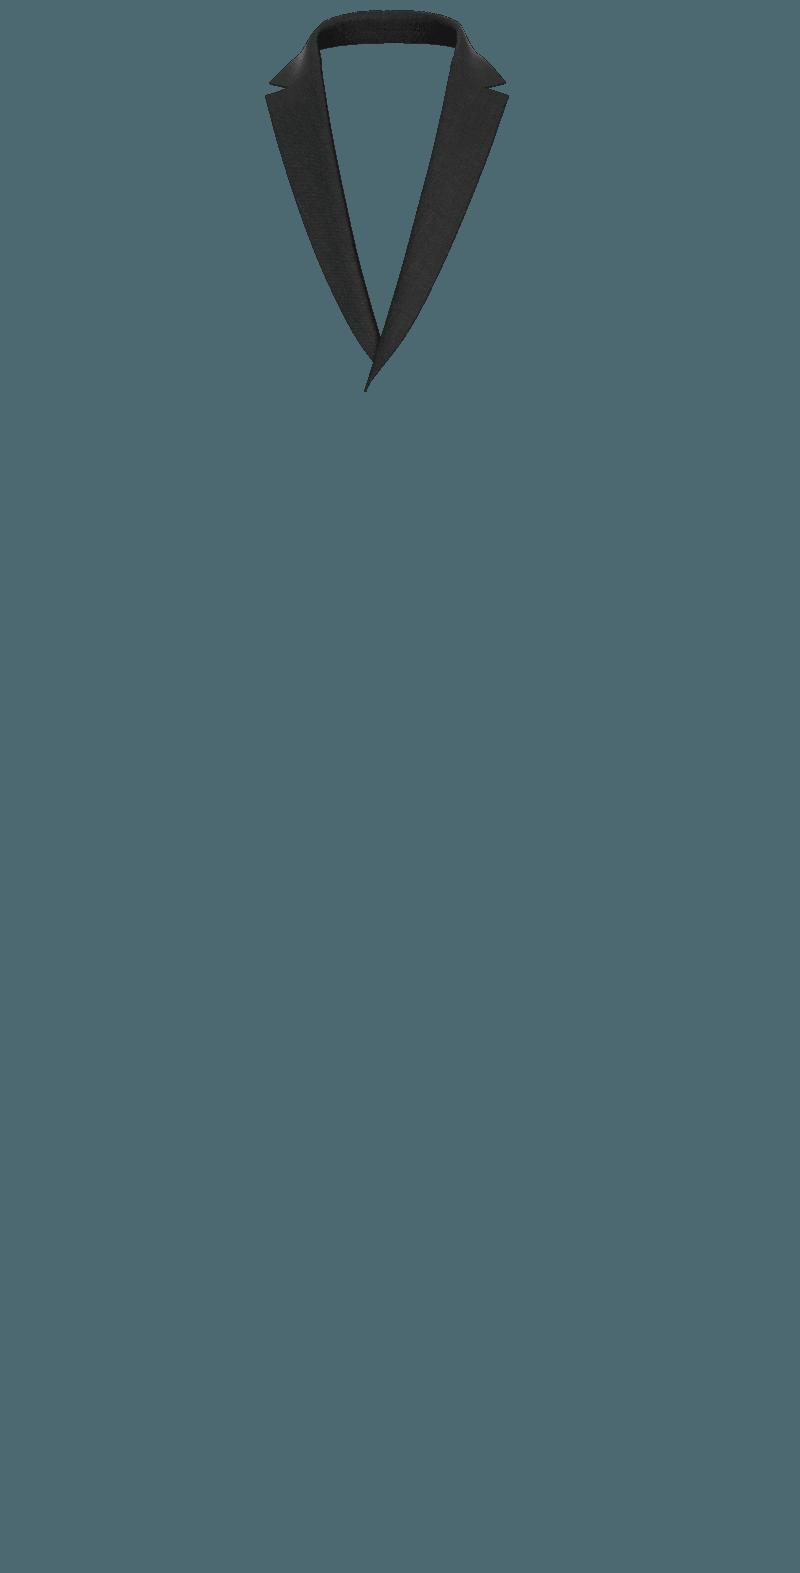 ClothesMake官网,男装定制,服装定制,西服定制,衬衫定制,礼服定制,大衣定制,风衣定制,男士西装,男士衬衫,男士礼服,男士大衣,男士风衣,手工服装定制,西装在线定制,衬衫在线定制,大衣在线定制,西装量身定制,衬衫量身定制,大衣量身定制,